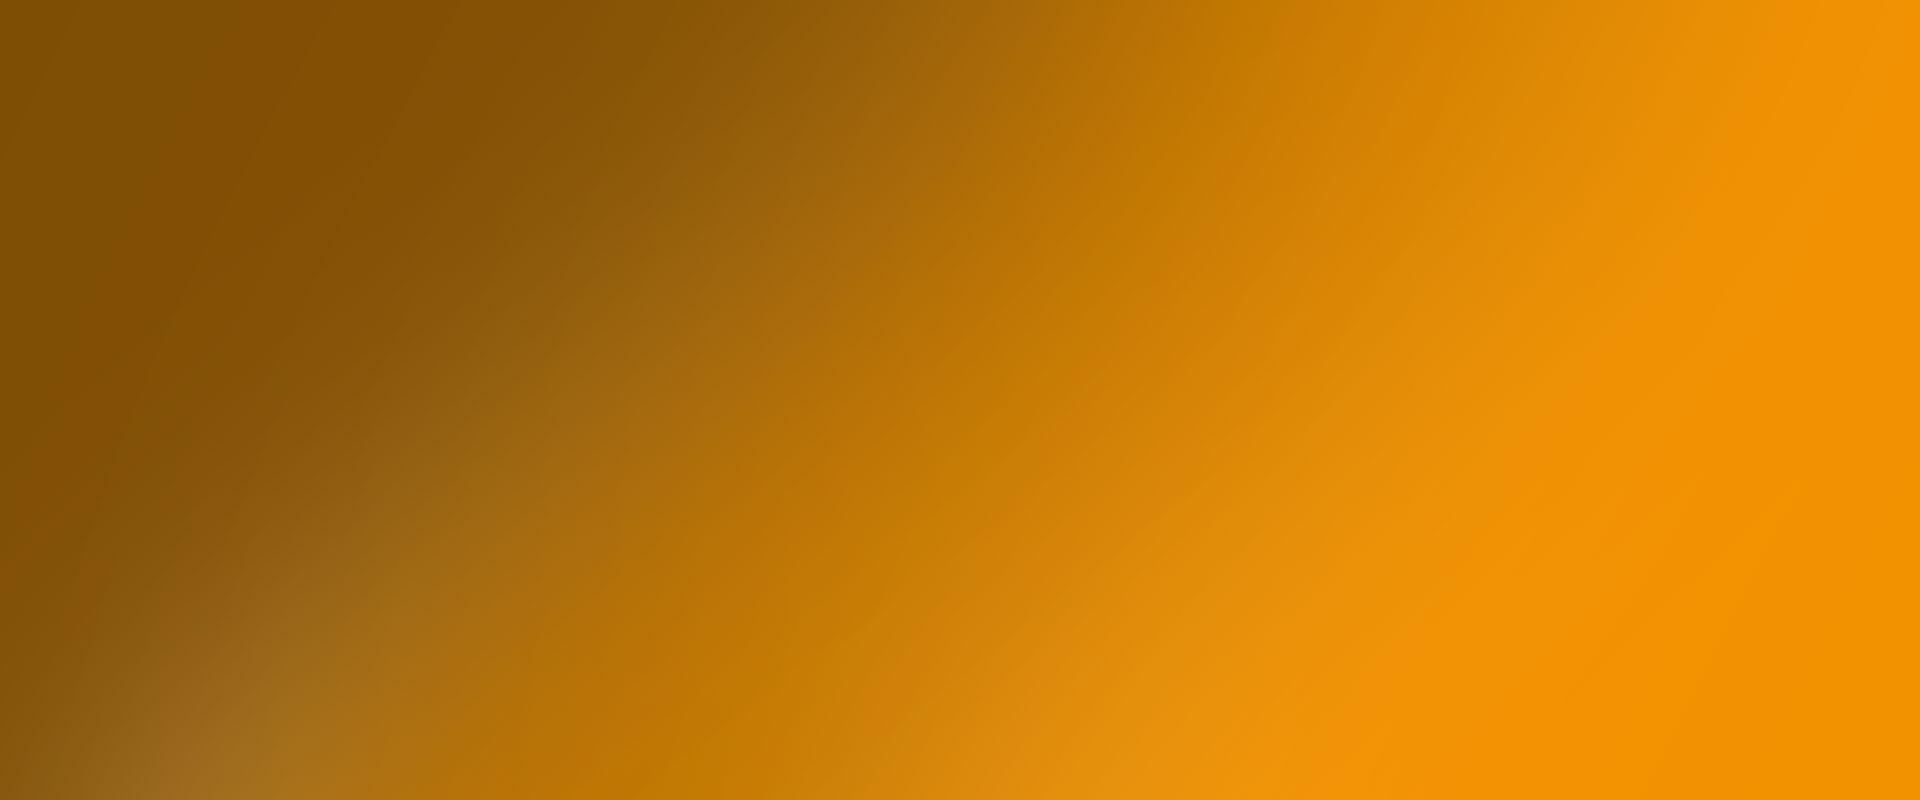 BRANDMAUER_IT_SERVICES_Verlauf_orange_1920x800px_200817